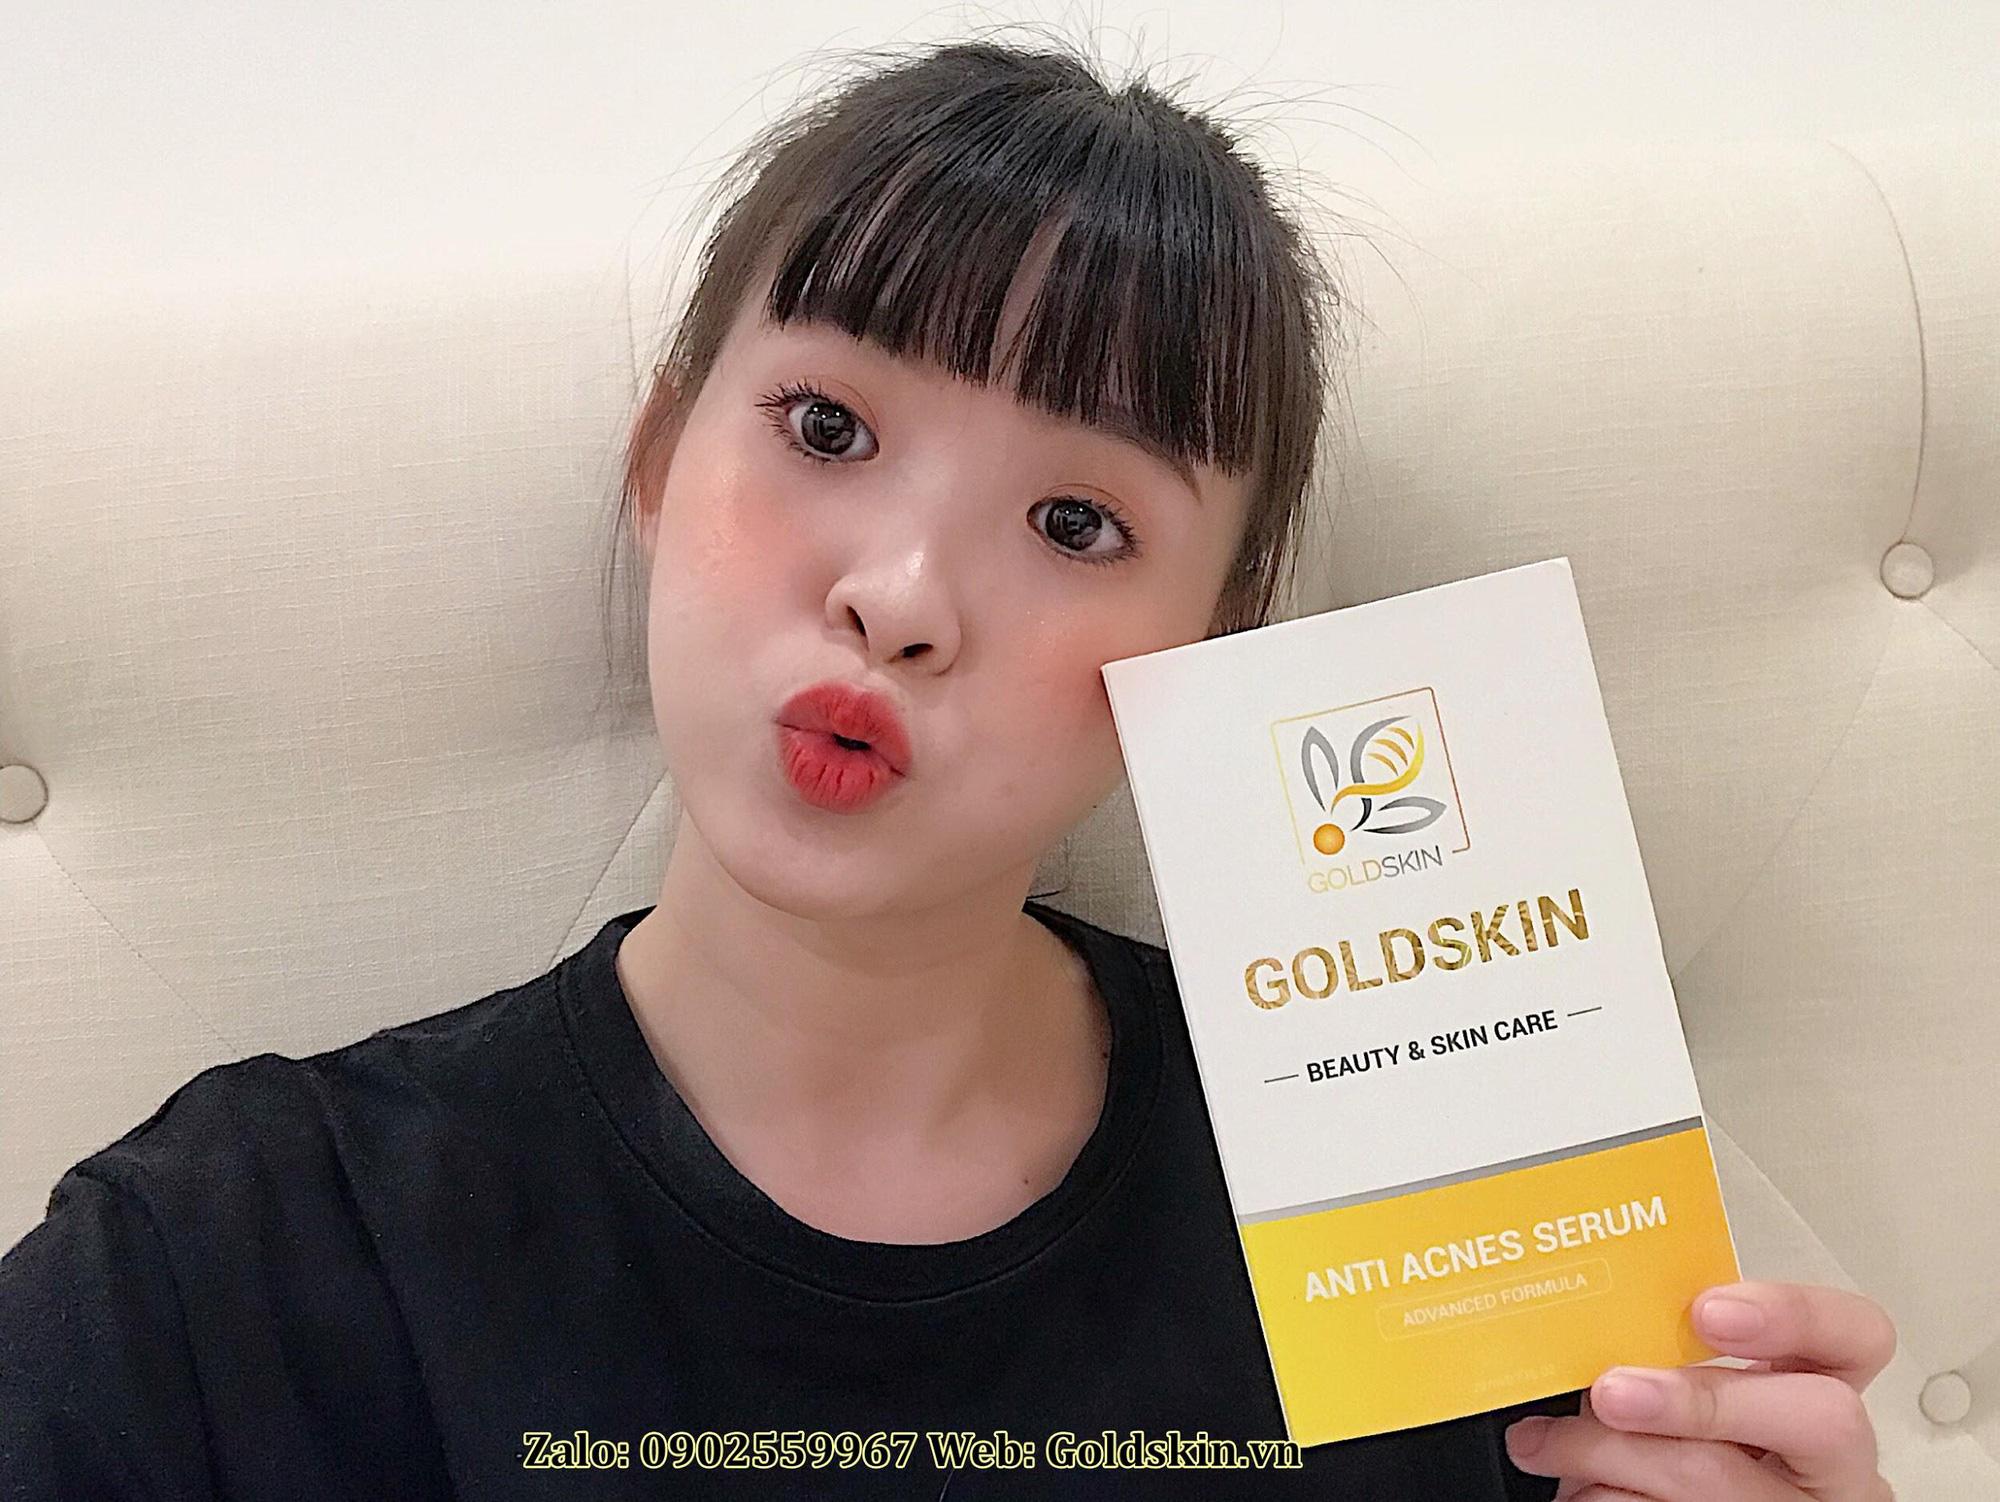 Hiệu quả đạt được từ Serum Mụn Goldskin so với các phương pháp hỗ trợ điều trị mụn khác là gì? - Ảnh 3.